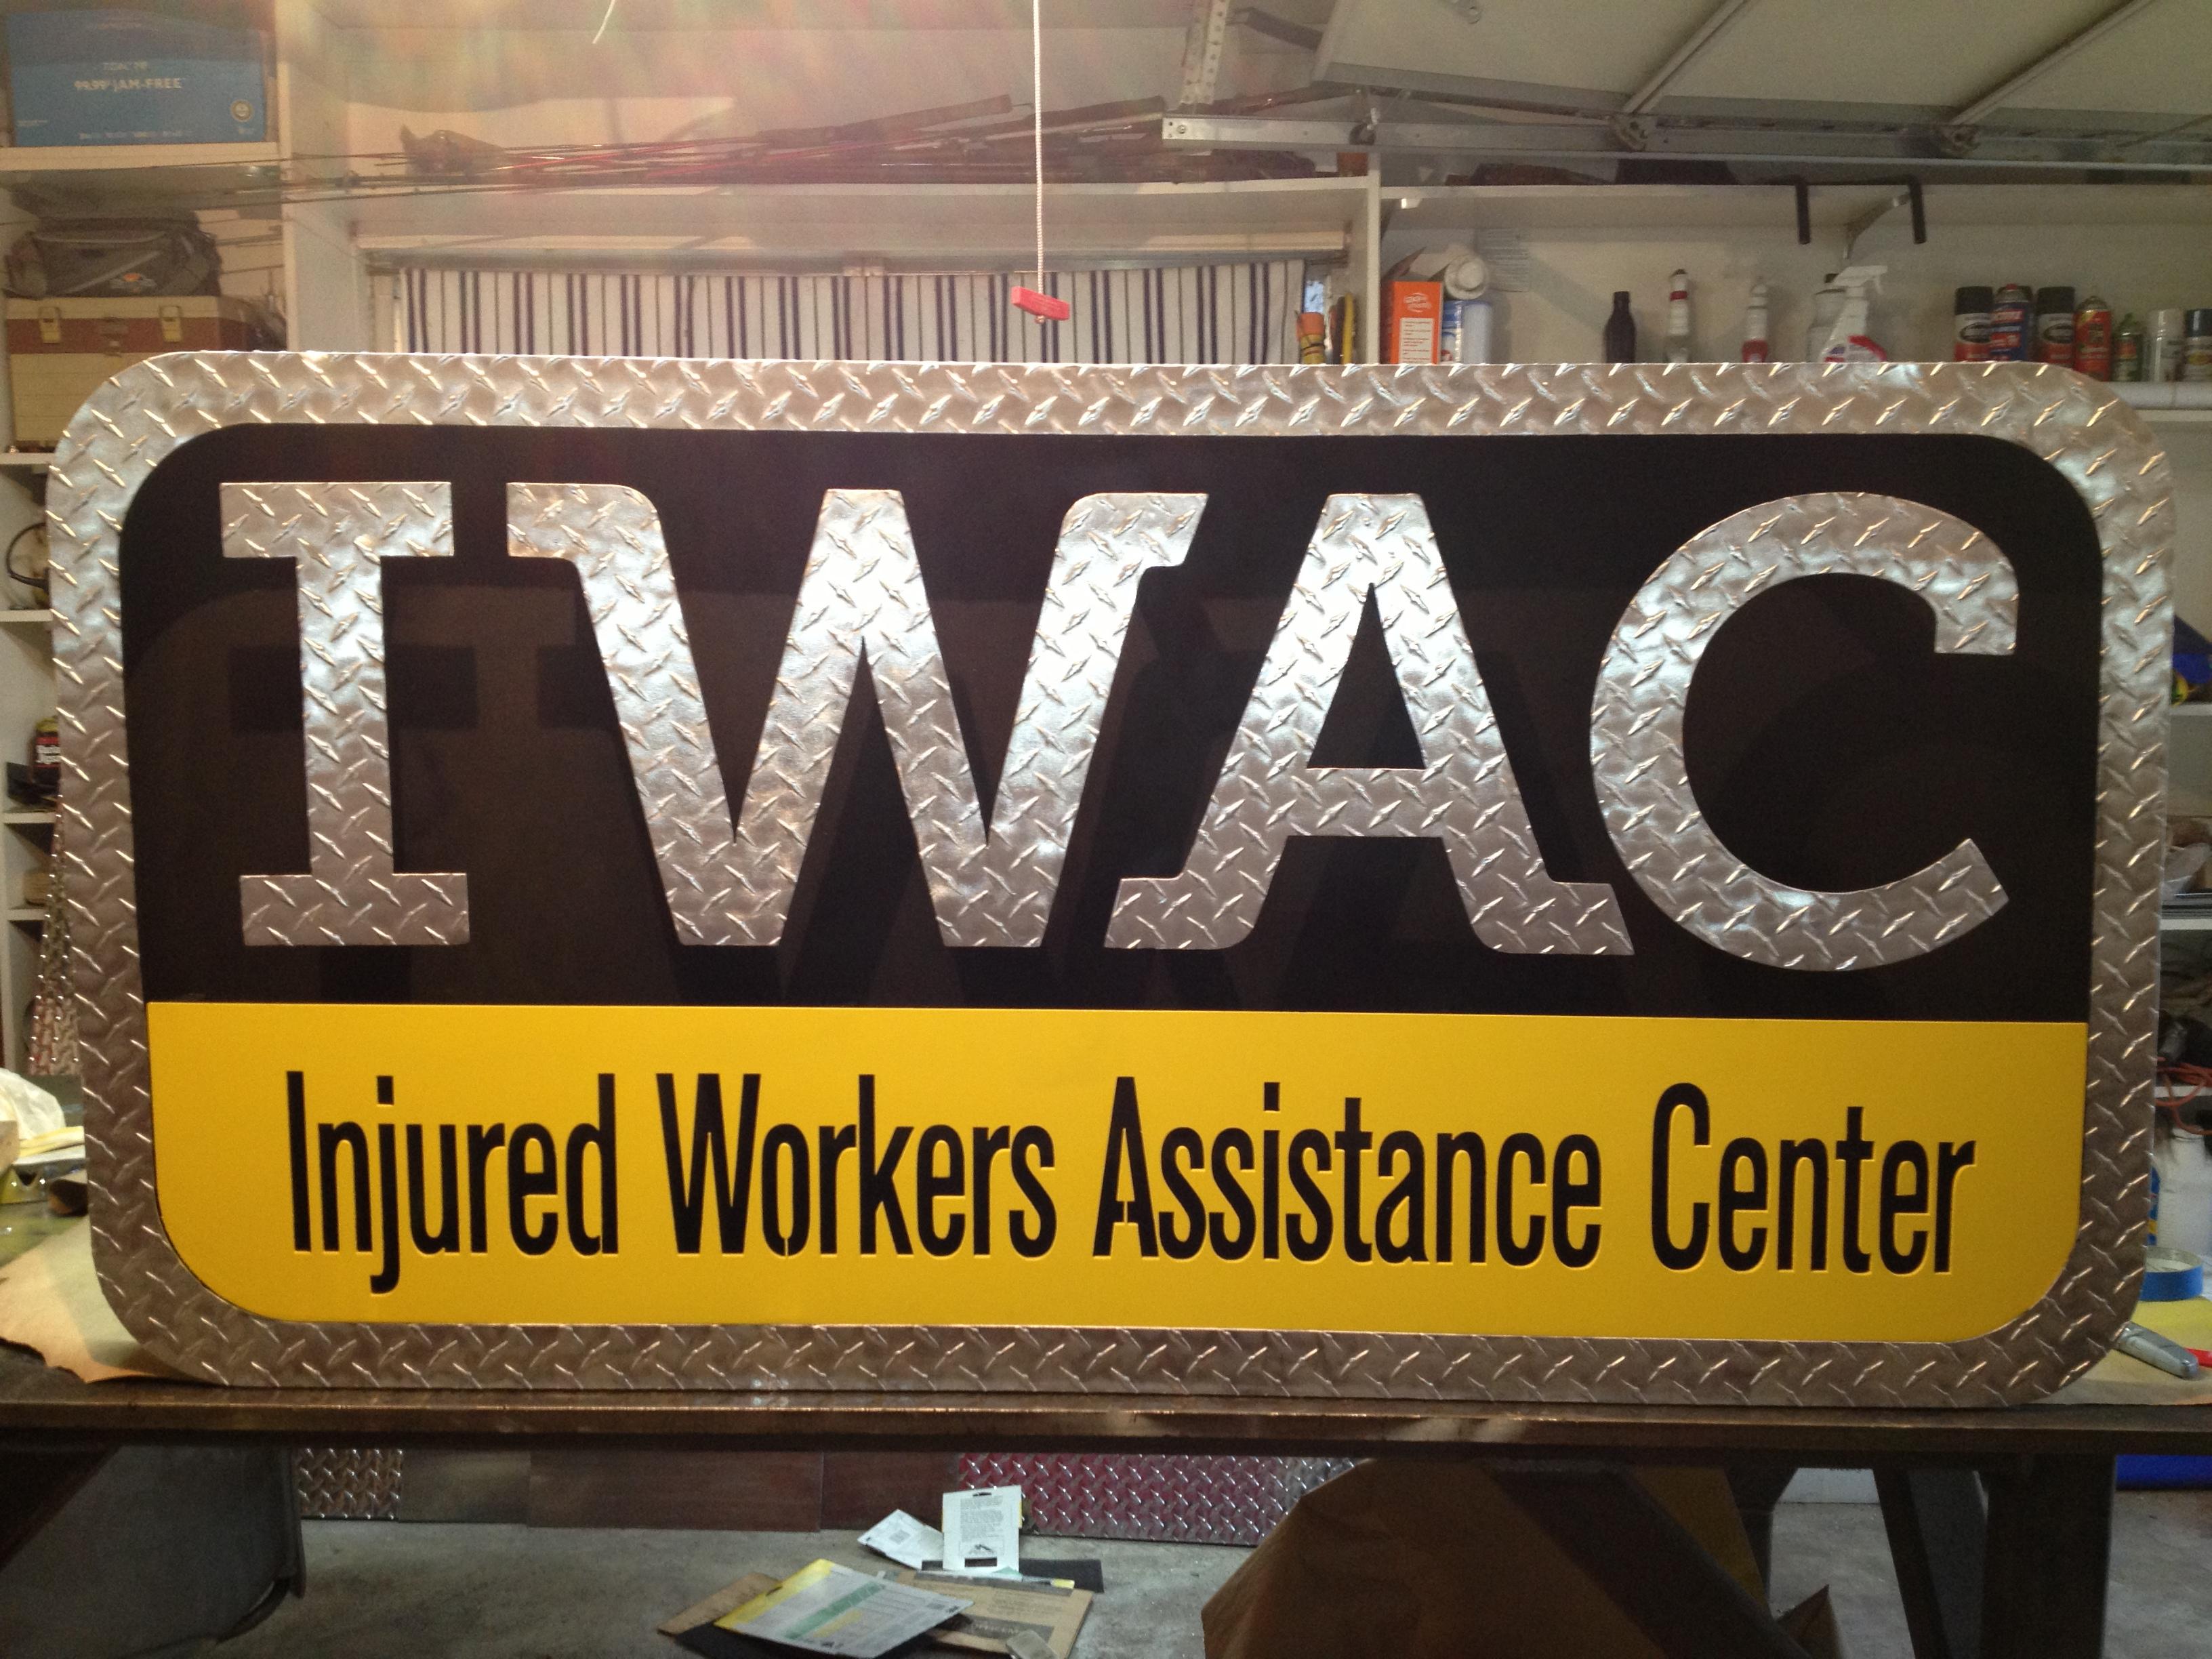 IWAC Wall Sign